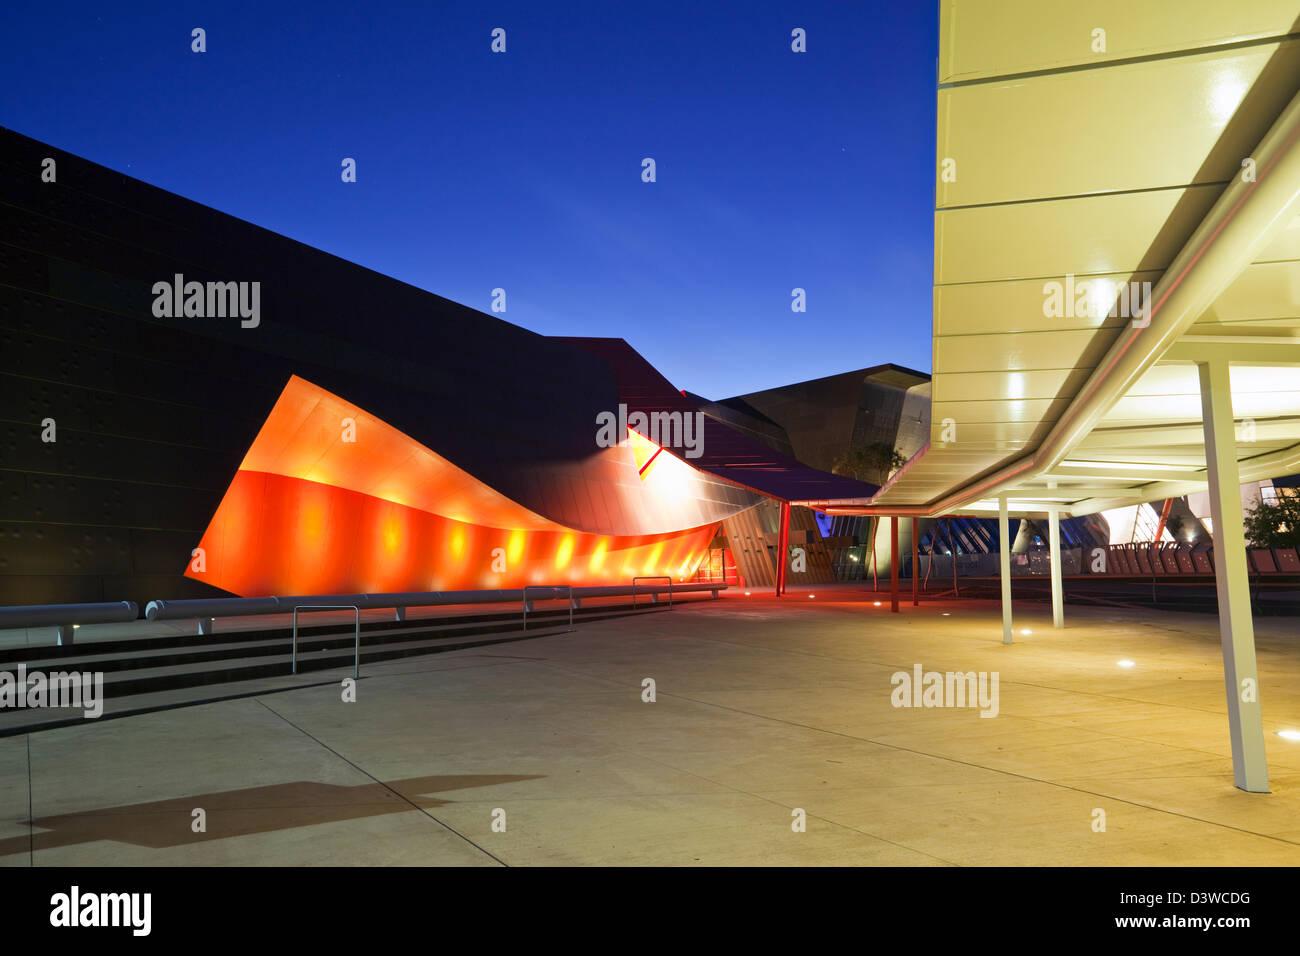 Architettura dell'ingresso al Museo Nazionale di Australia. Canberra, Australian Capital Territory (ACT), Australia Immagini Stock